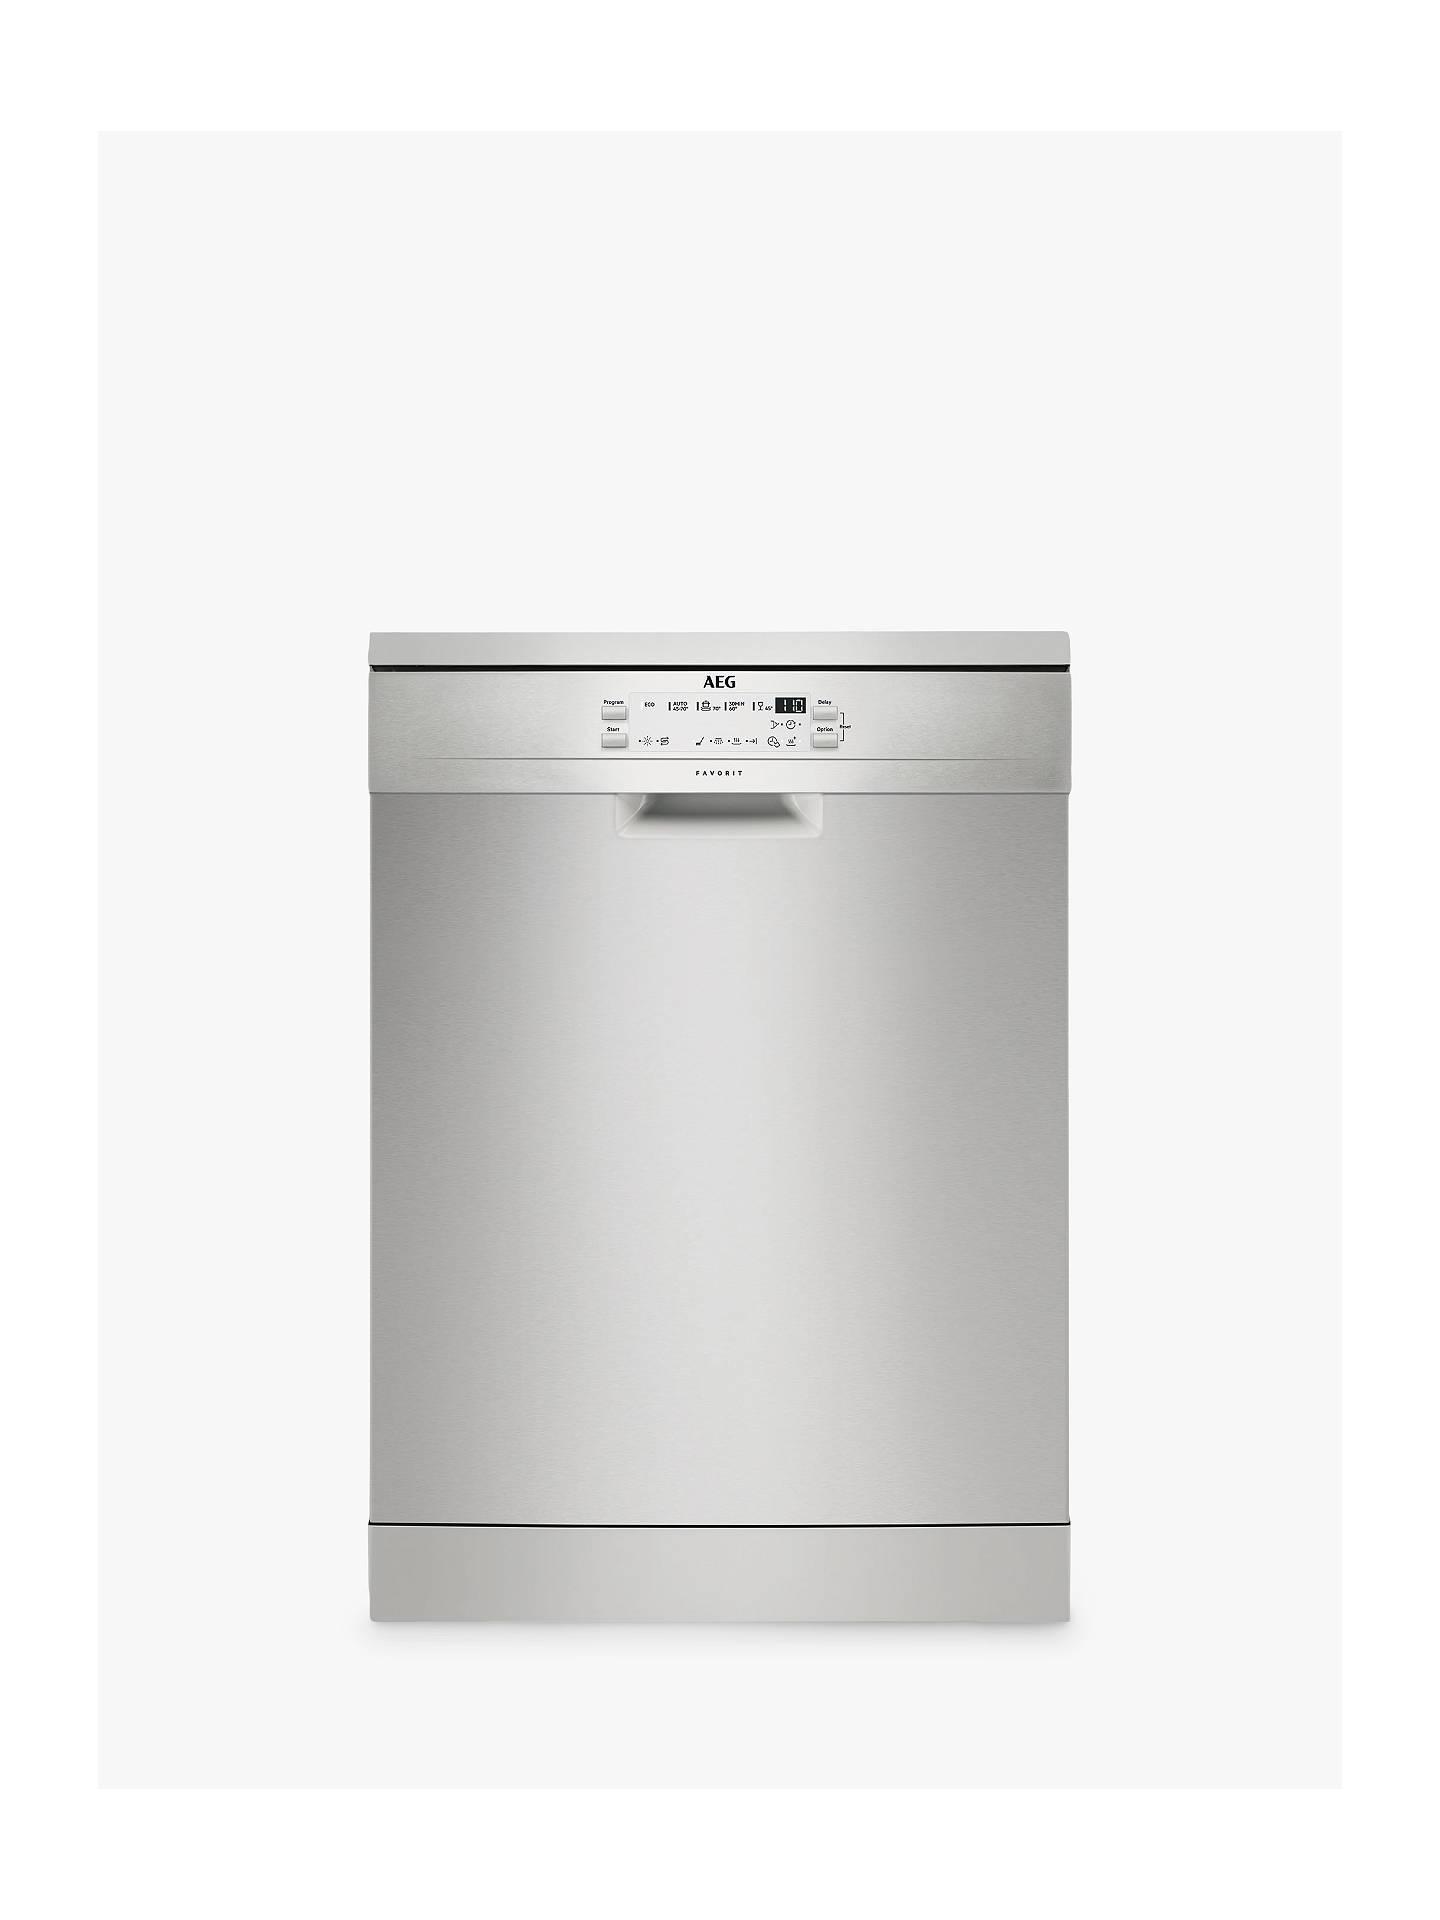 Aeg Ffb53600zm Freestanding Dishwasher Stainless Steel At John